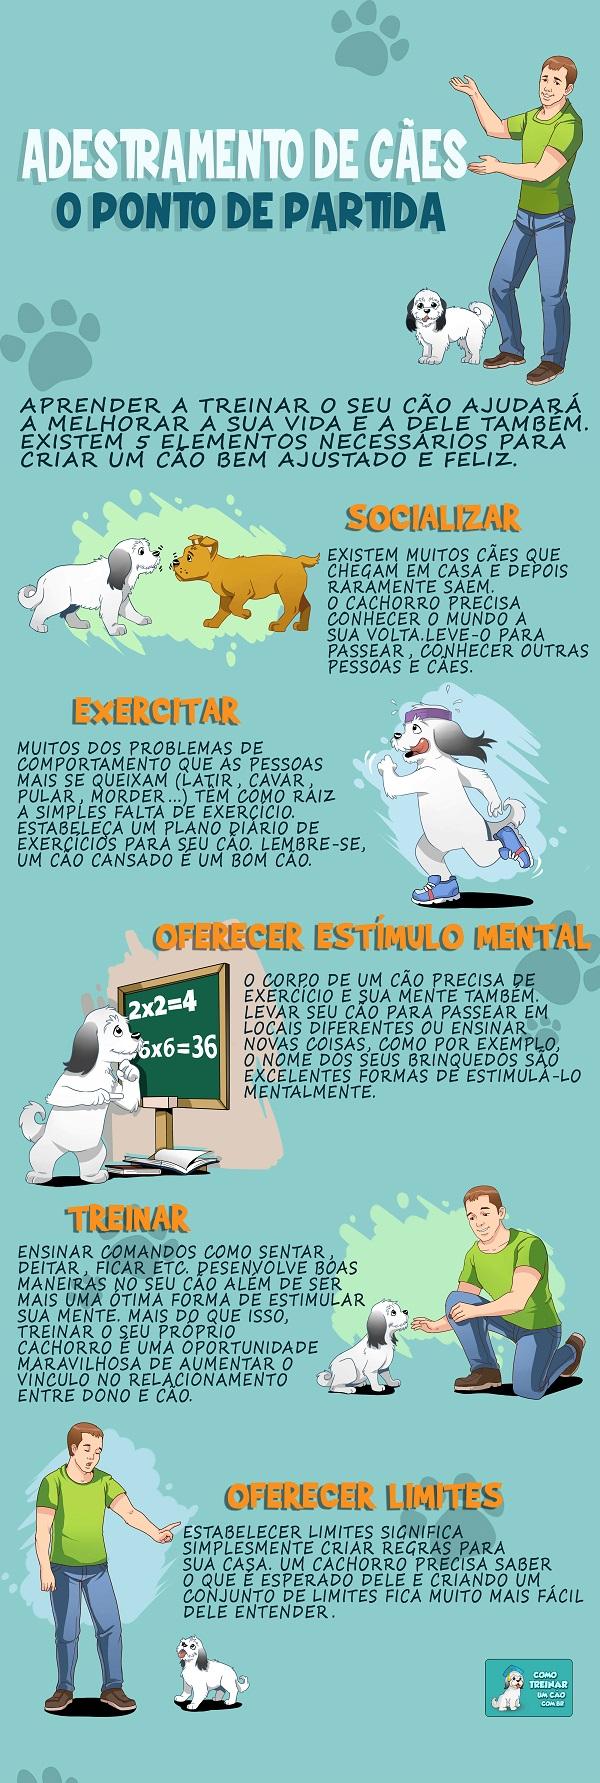 Como adestrar um cachorro -  infografo